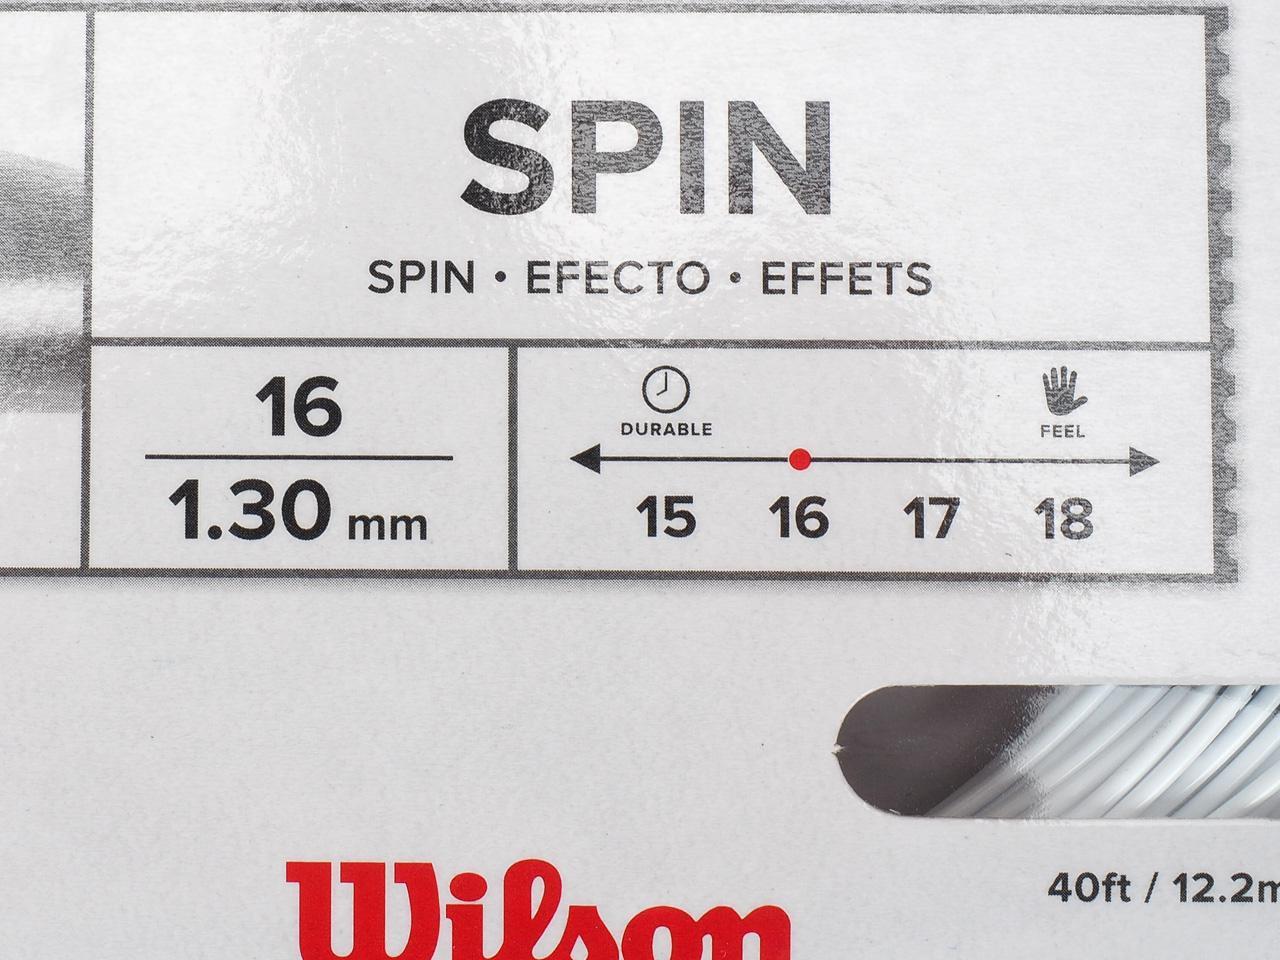 Seile-Tennis-Wilson-Revolve-16-Weiss-Unite-Weiss-70160-Neu Indexbild 4